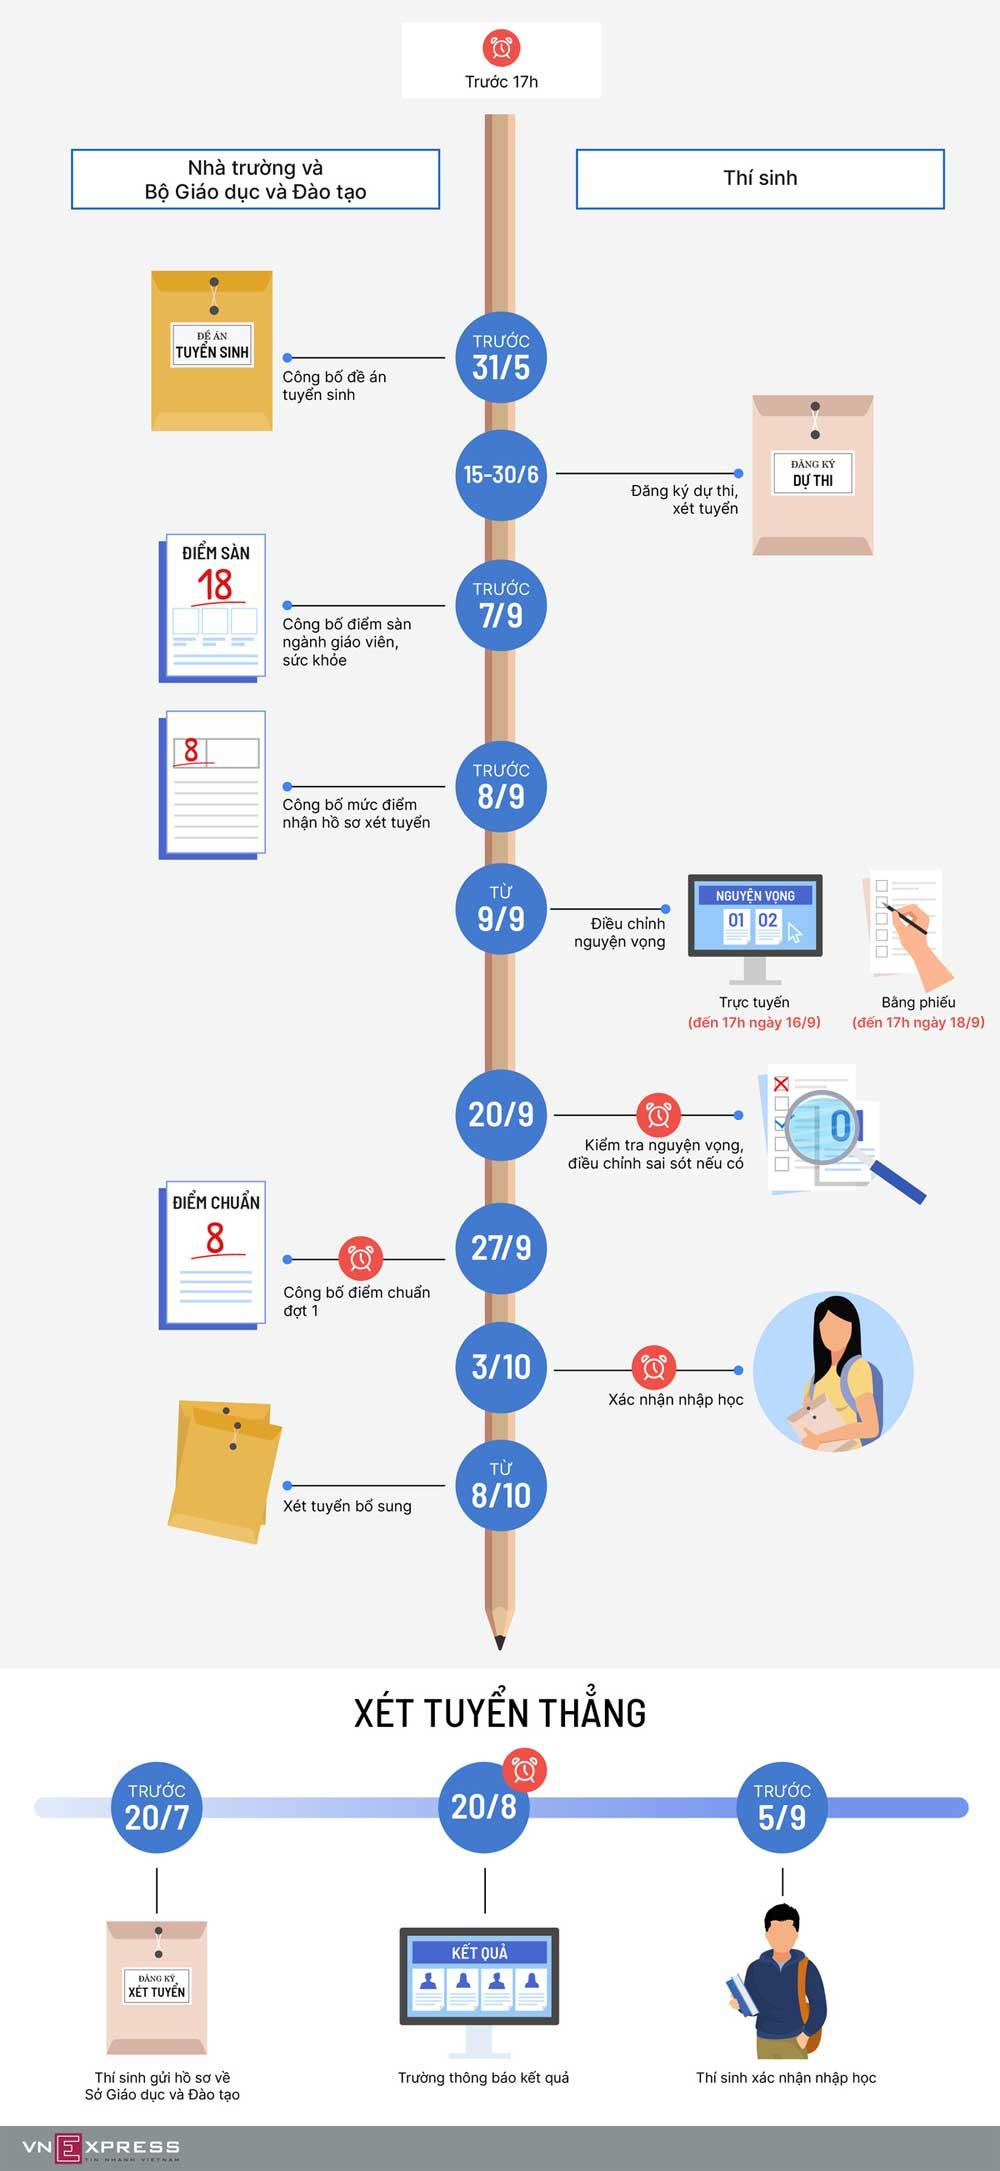 Các mốc tuyển sinh, năm 2020, thí sinh cần nhớ, đăng ký thi THPT quốc gia, xét tuyển đại học, điều chỉnh nguyện vọng